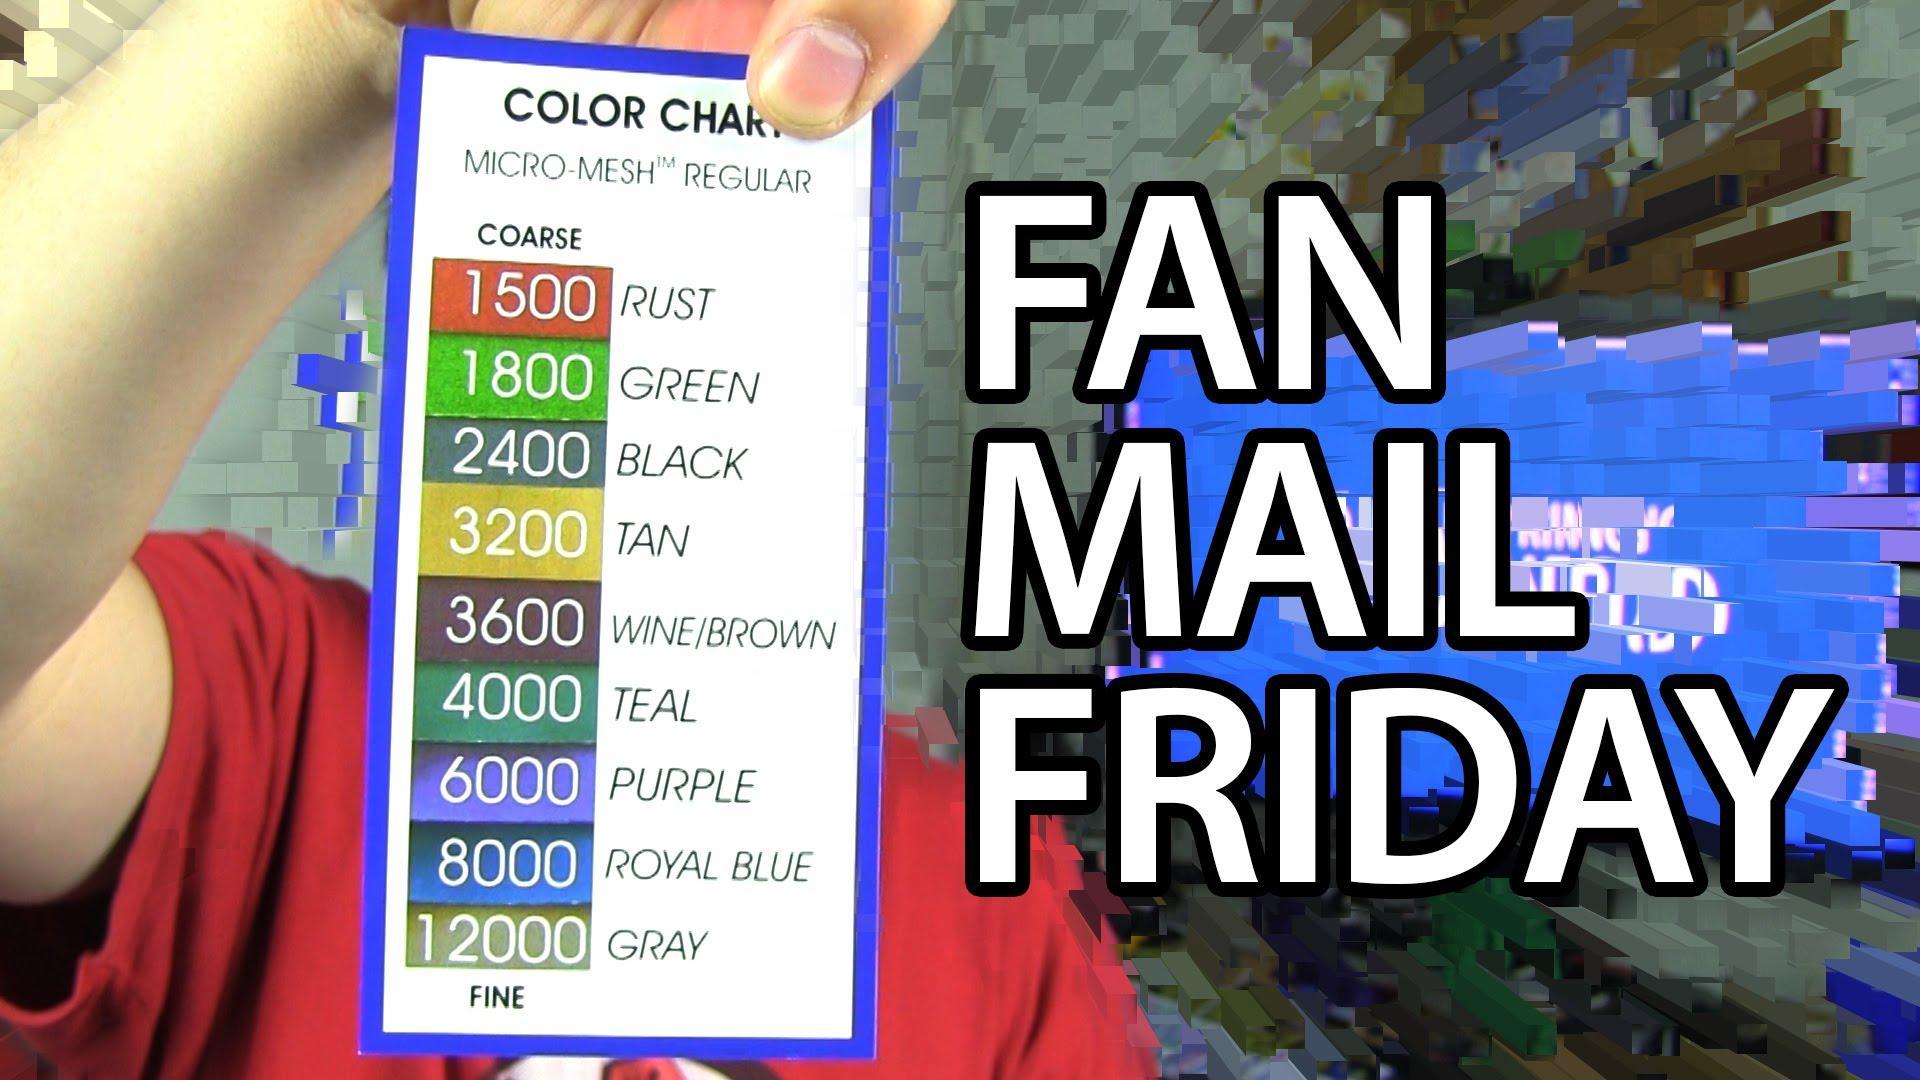 Fan Mail Friday 011